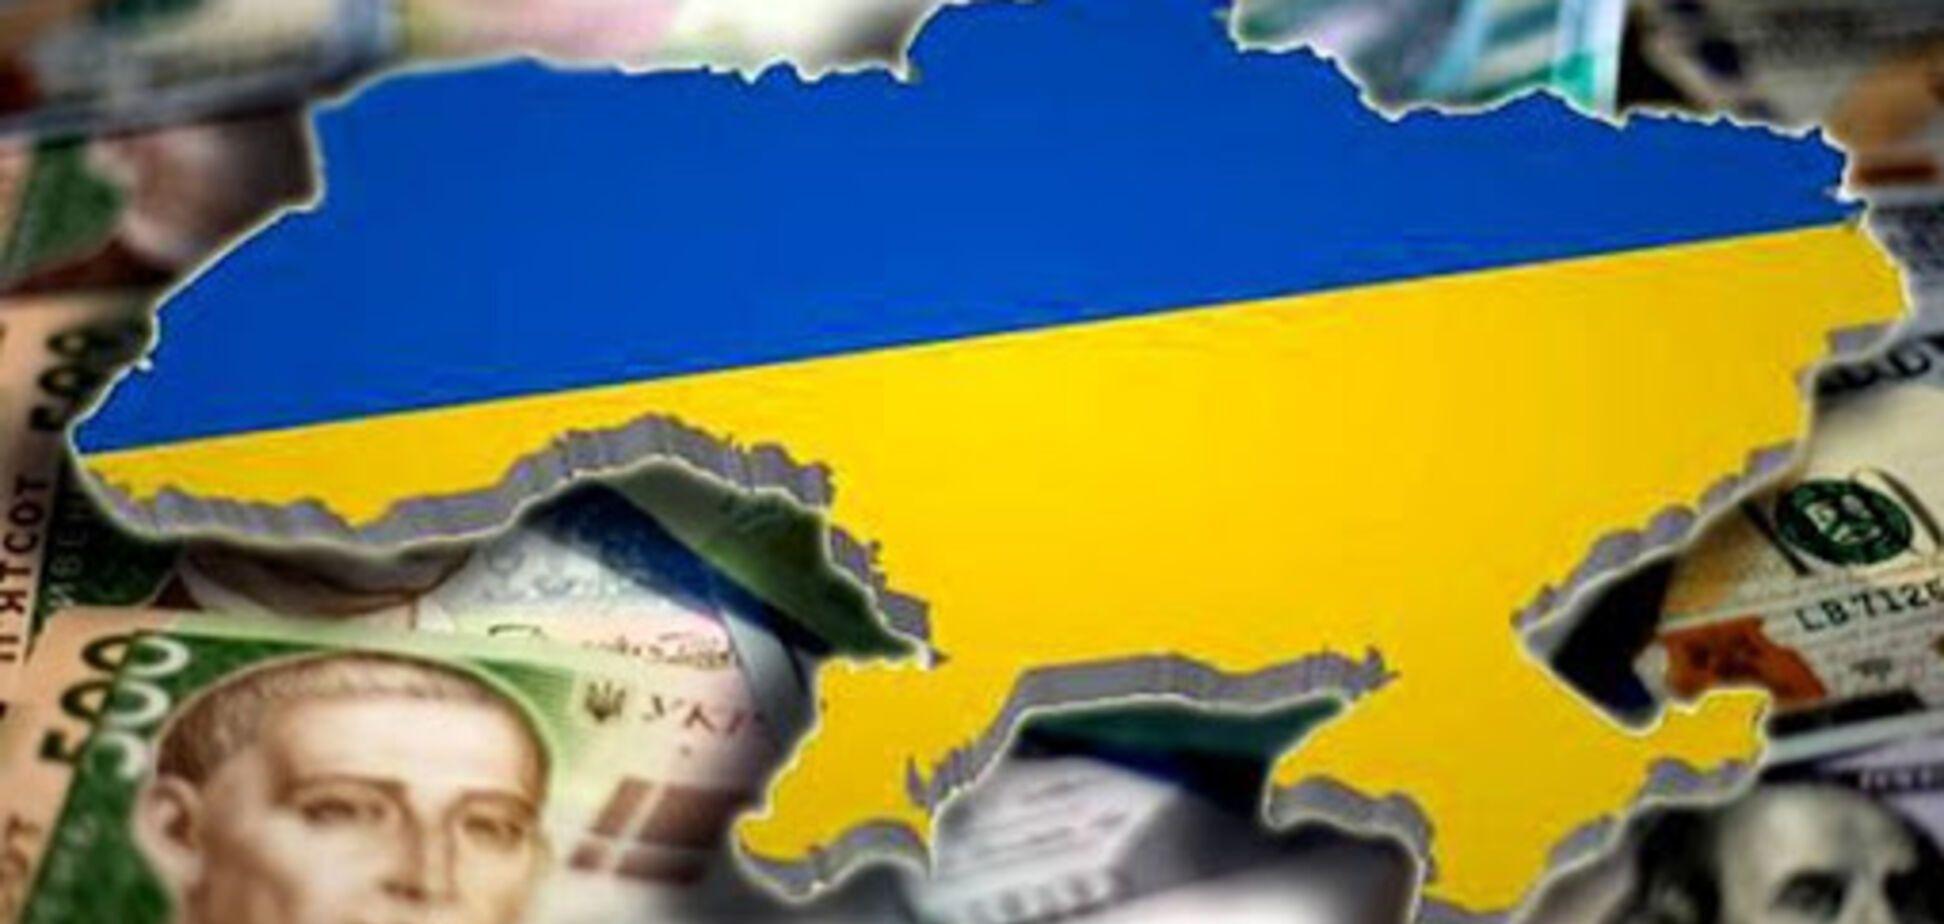 Capital Times напророкувала Україні 'перше в історії' різке падіння економіки